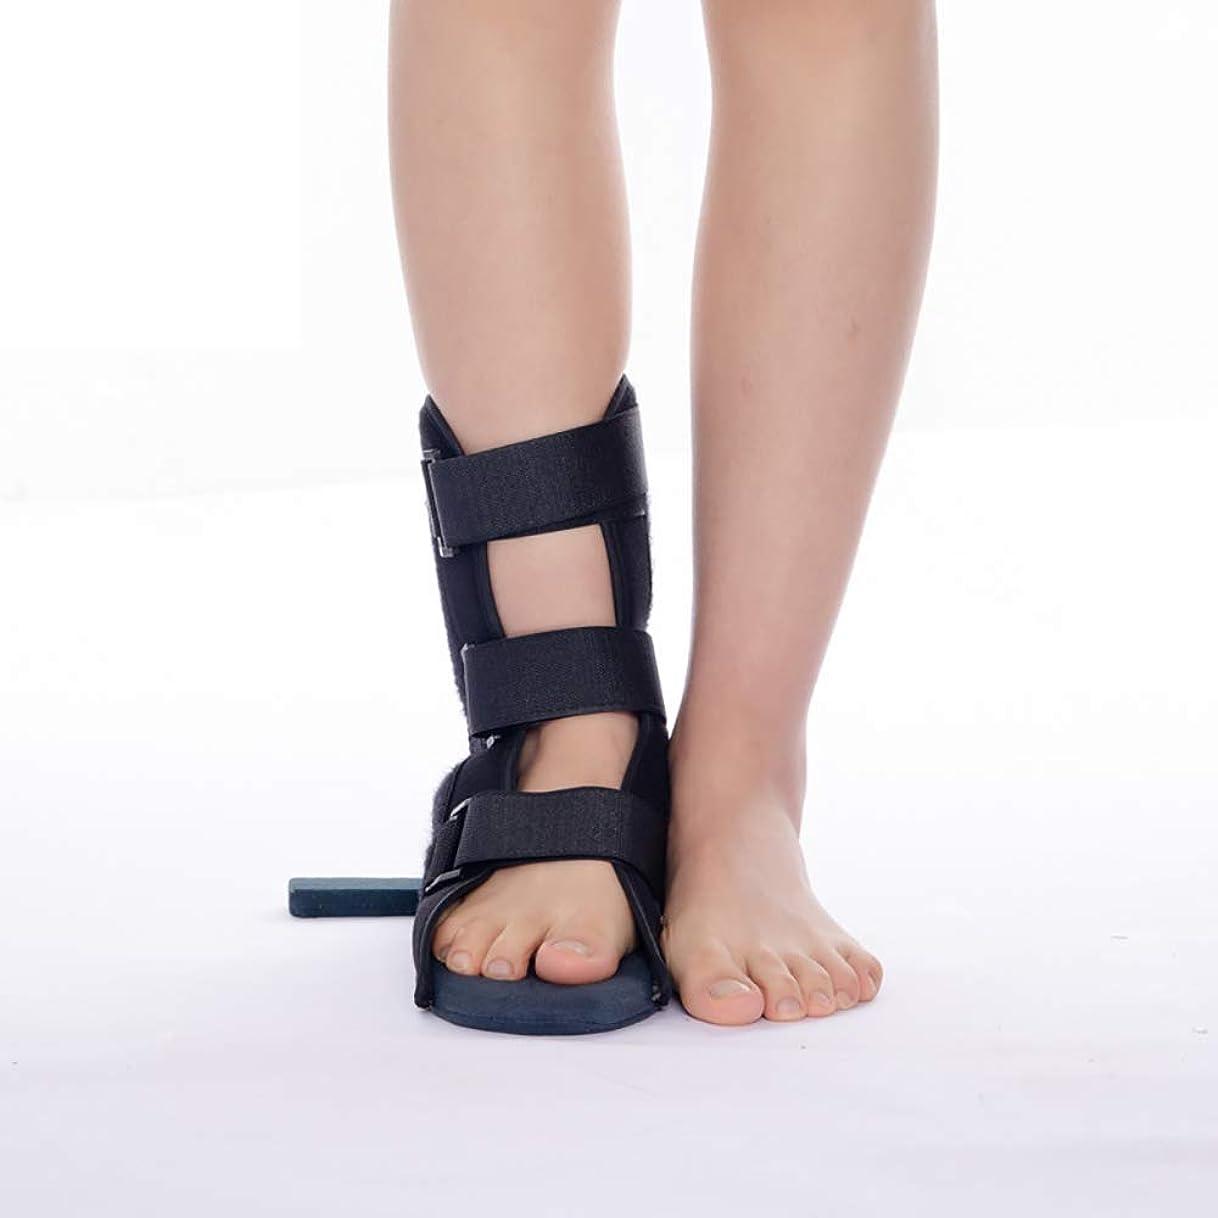 スペイン計り知れないジョイント足固定整形外科用靴足ブレースサポート回転防止足首捻挫スタビライザーブーツ用足首関節捻挫骨折リハビリテーション